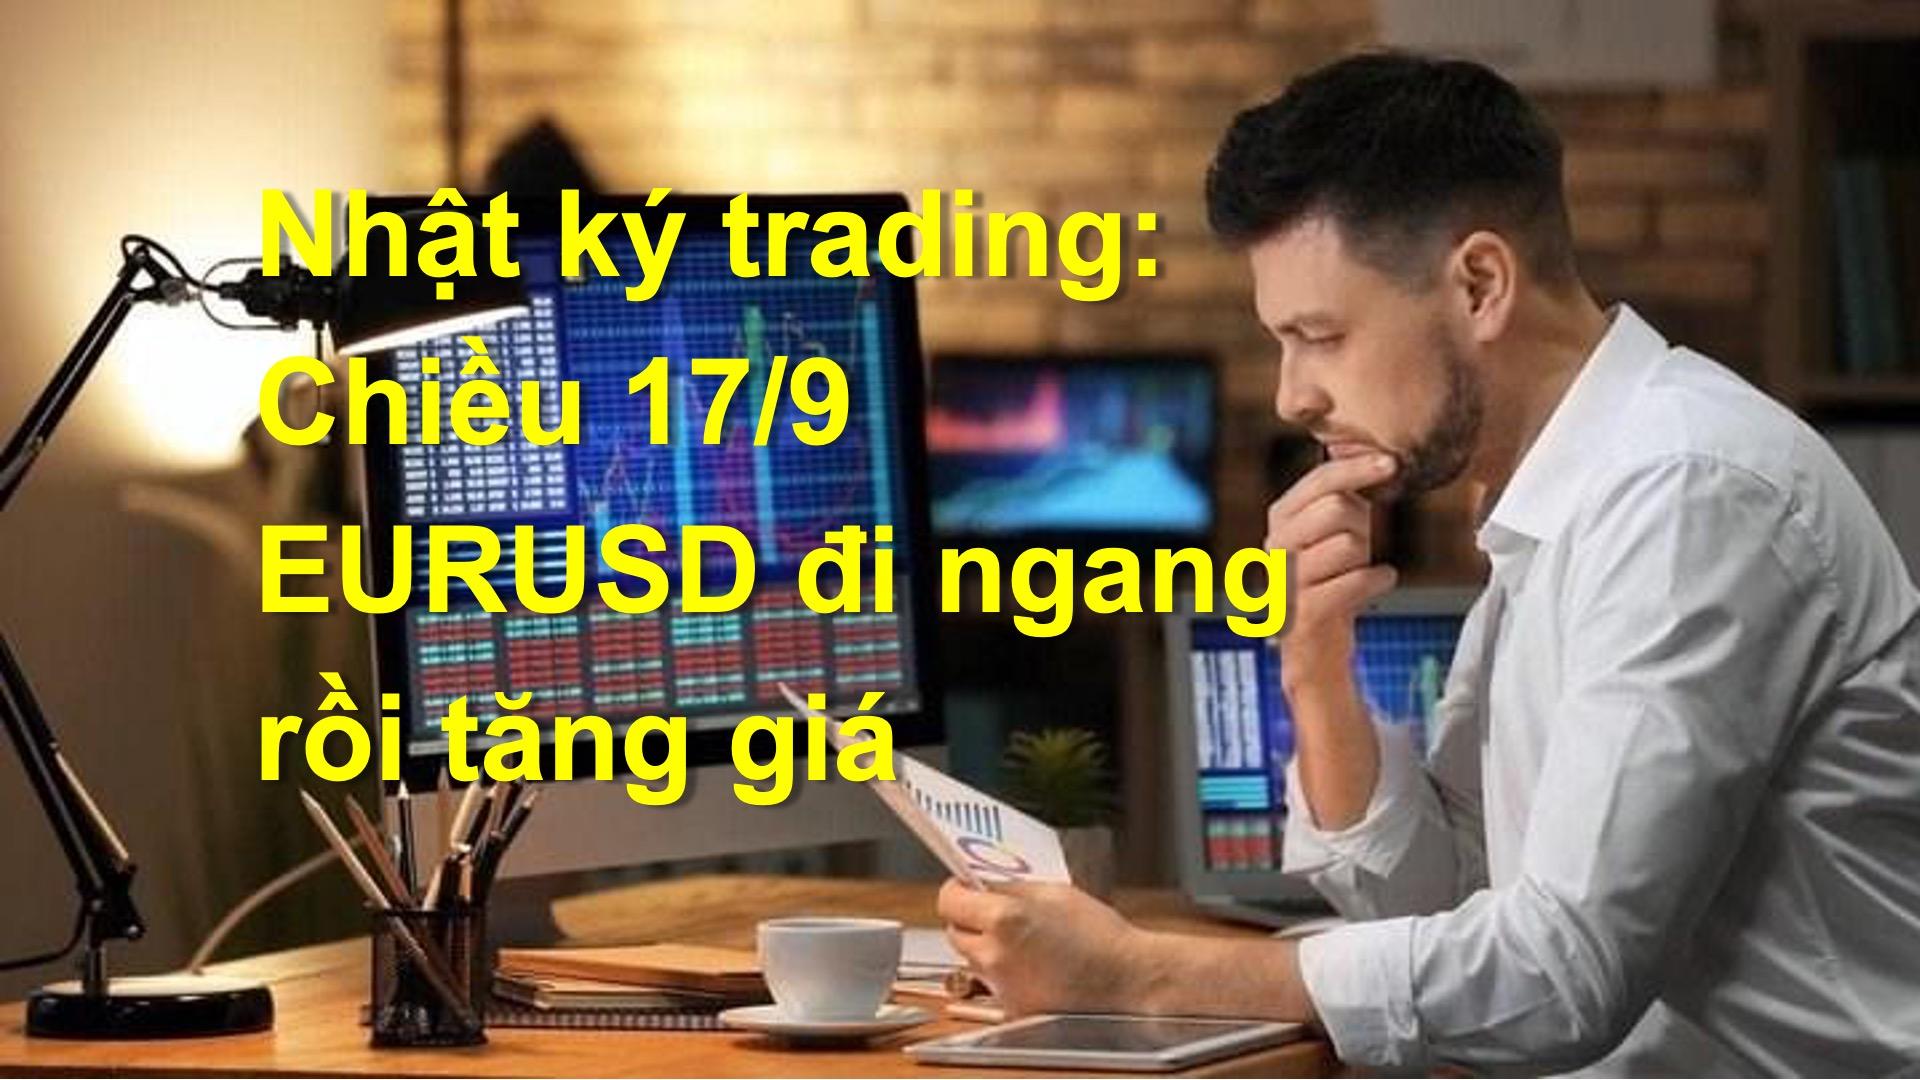 NHẬT KÝ TRADING: Chiều 17/9, cặp EUR USD có tín hiệu